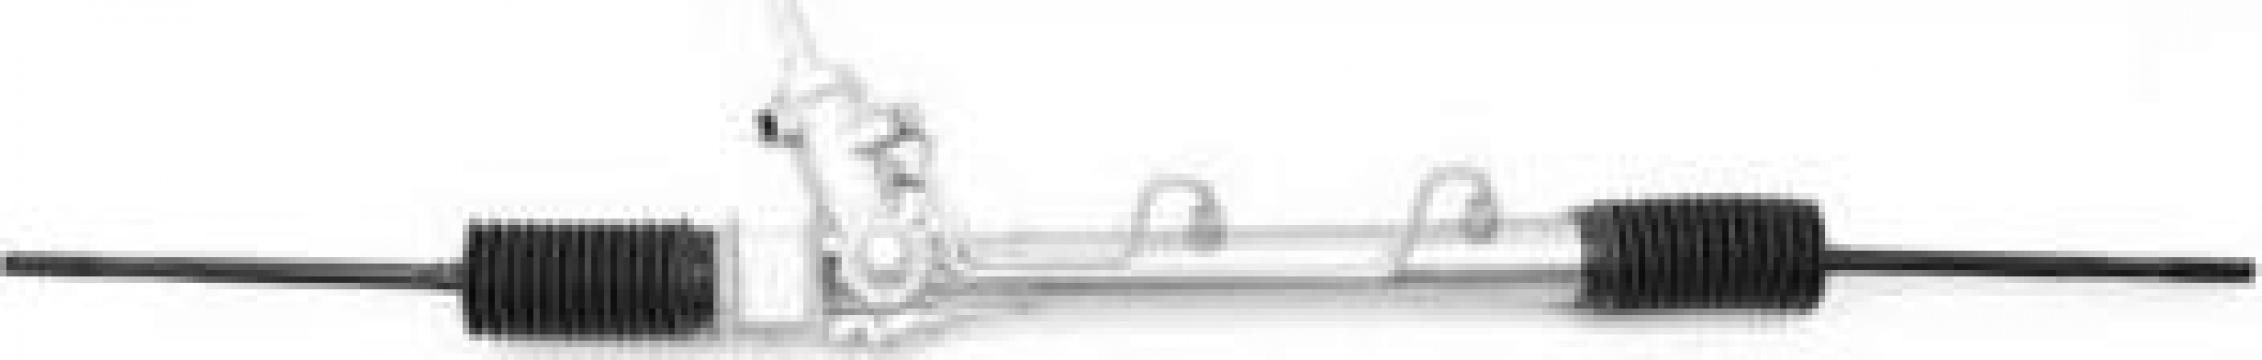 Caseta Directie Opel Vectra B 09.95-07.03 de la Medes Import Export Srl